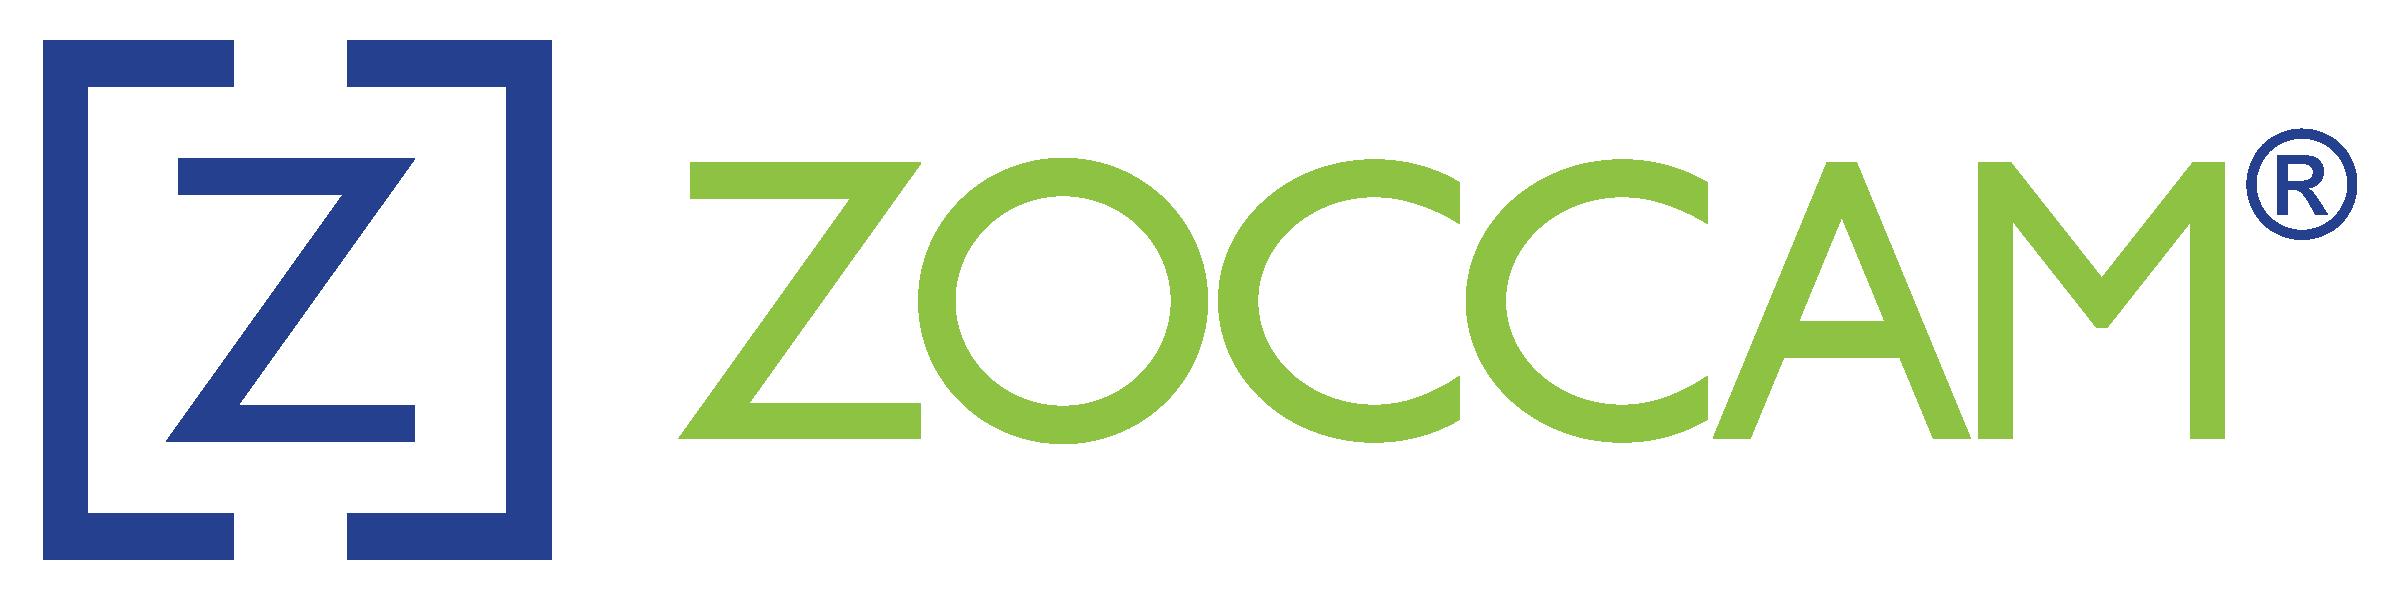 ZOCCAM